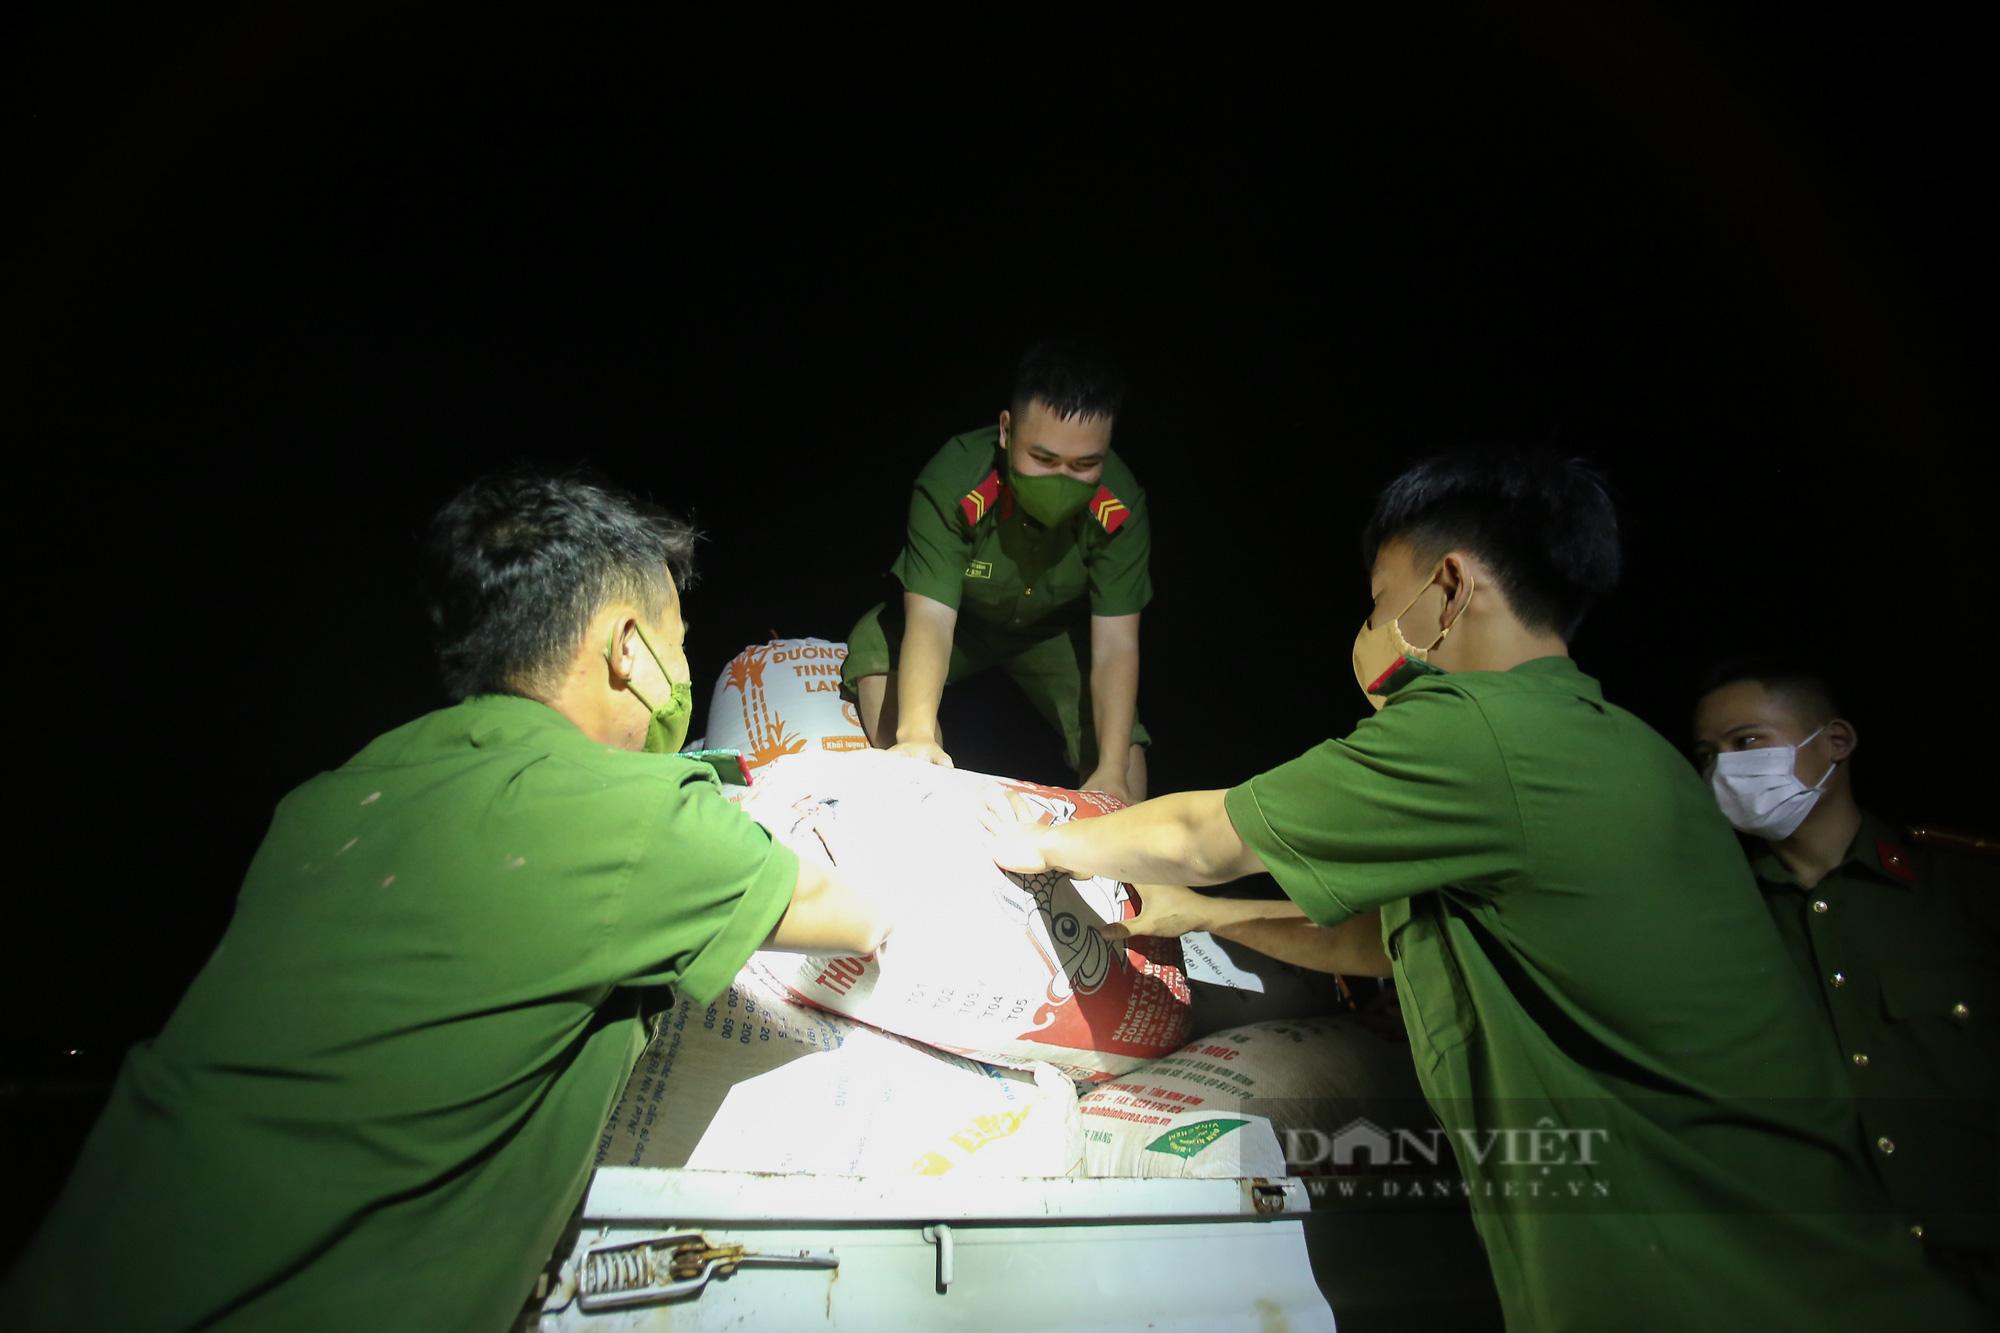 Hình ảnh chiến sĩ công an lội ruộng, ăn cơm vội để thu hoạch lúa giúp 141 hộ ở vùng cách ly y tế - Ảnh 12.